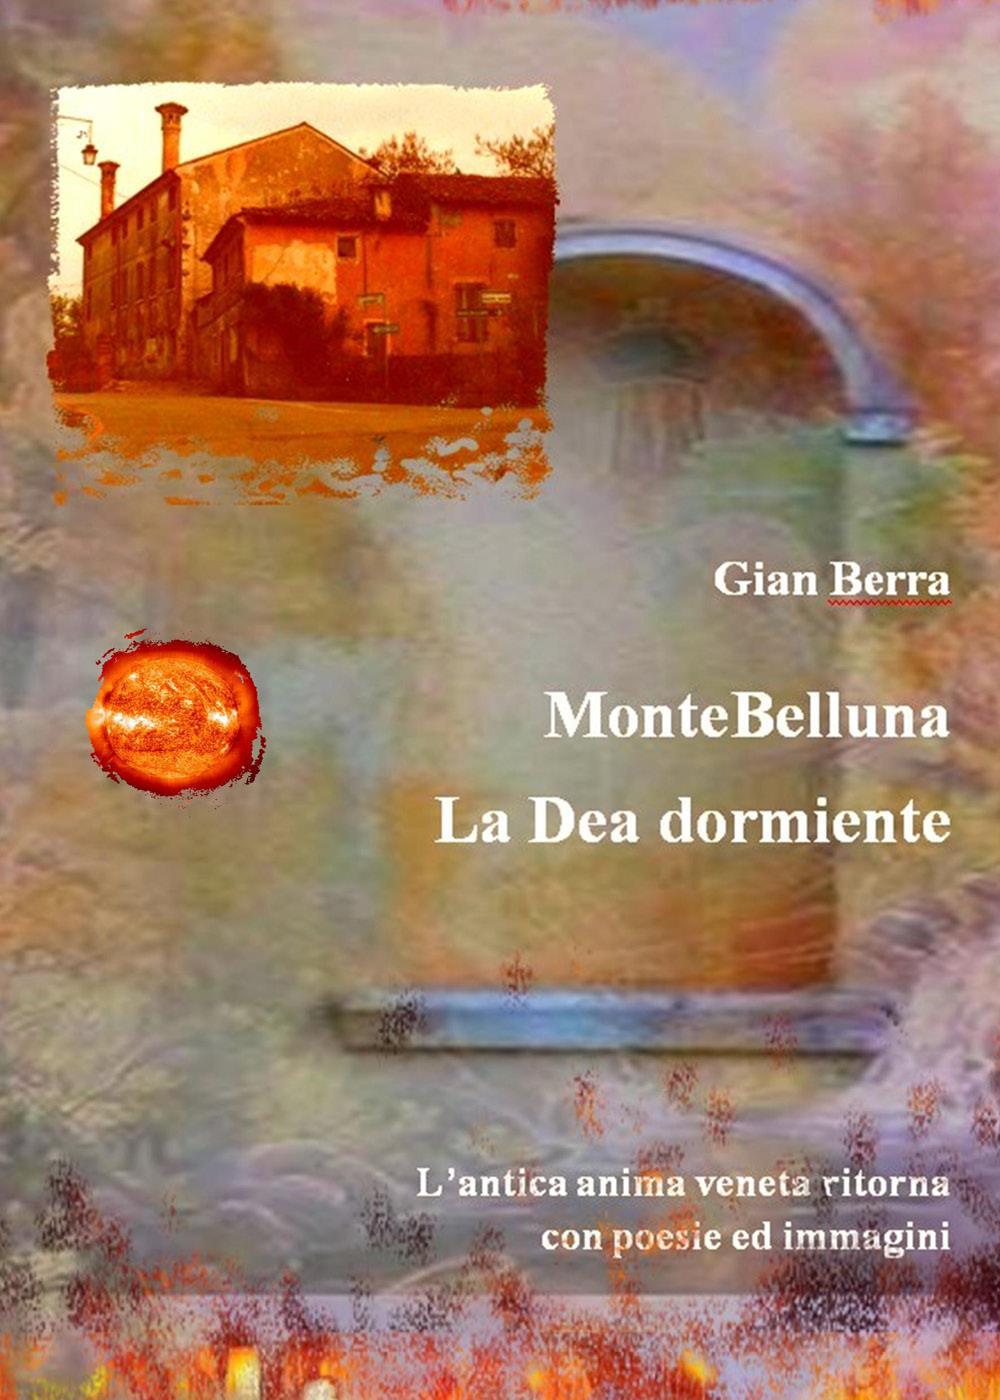 MonteBelluna, la Dea dormiente. Poesie in dialetto veneto. Gian Berra 2021